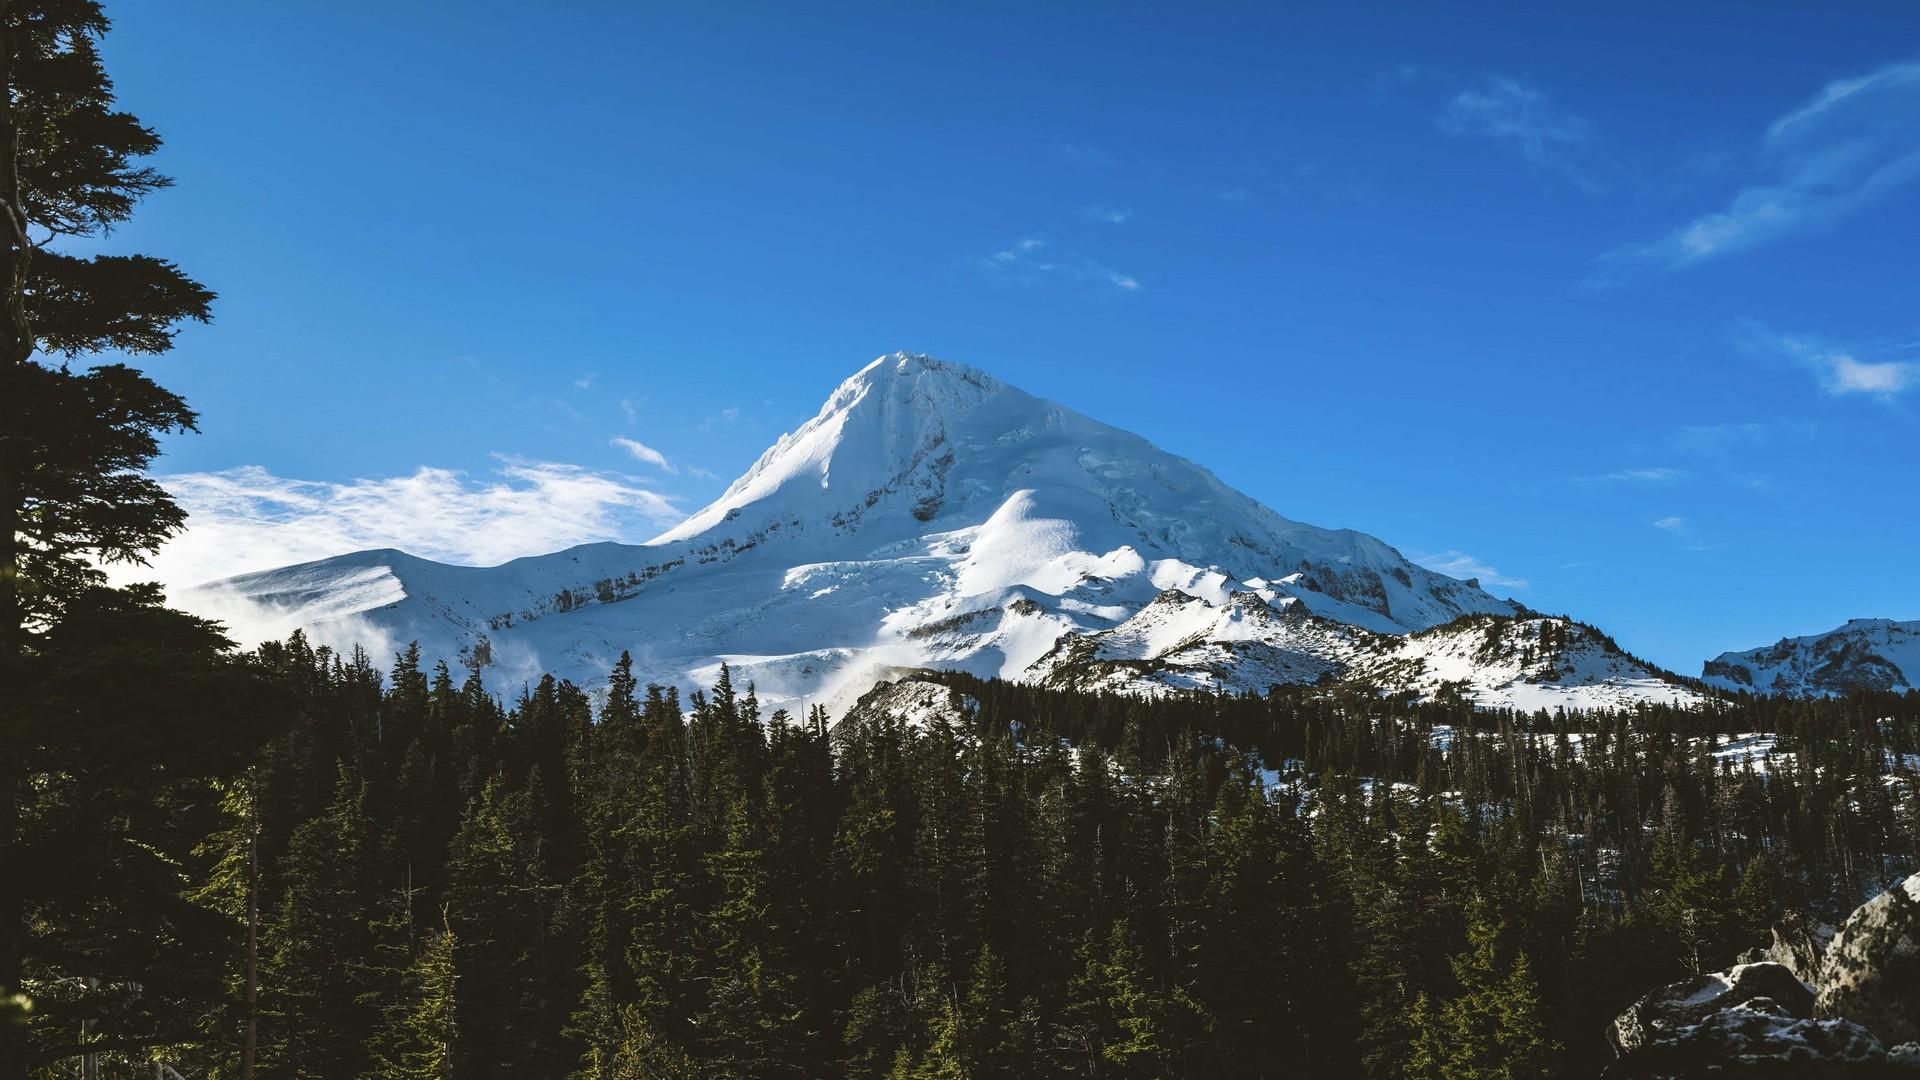 美丽高山风景图片高清动态壁纸